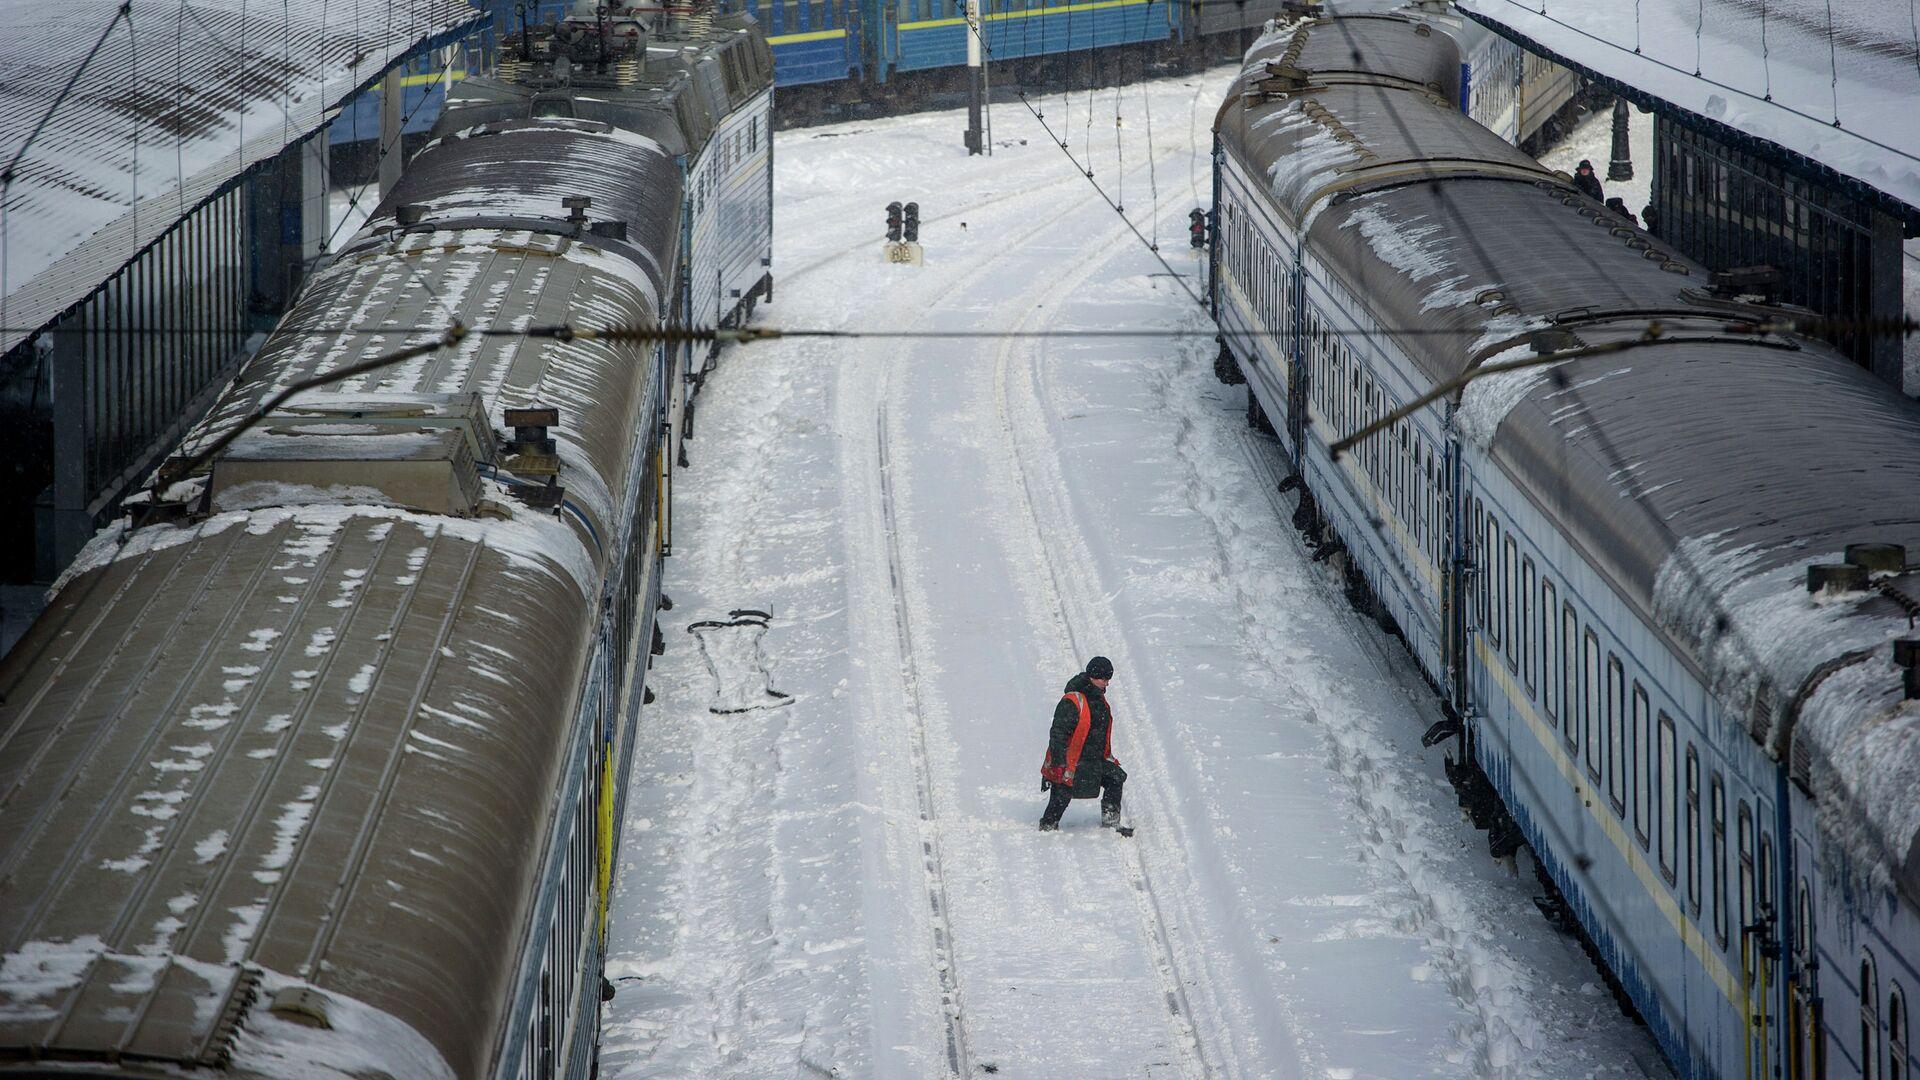 Работник железнодорожного транспорта на вокзале Киева - РИА Новости, 1920, 16.02.2021